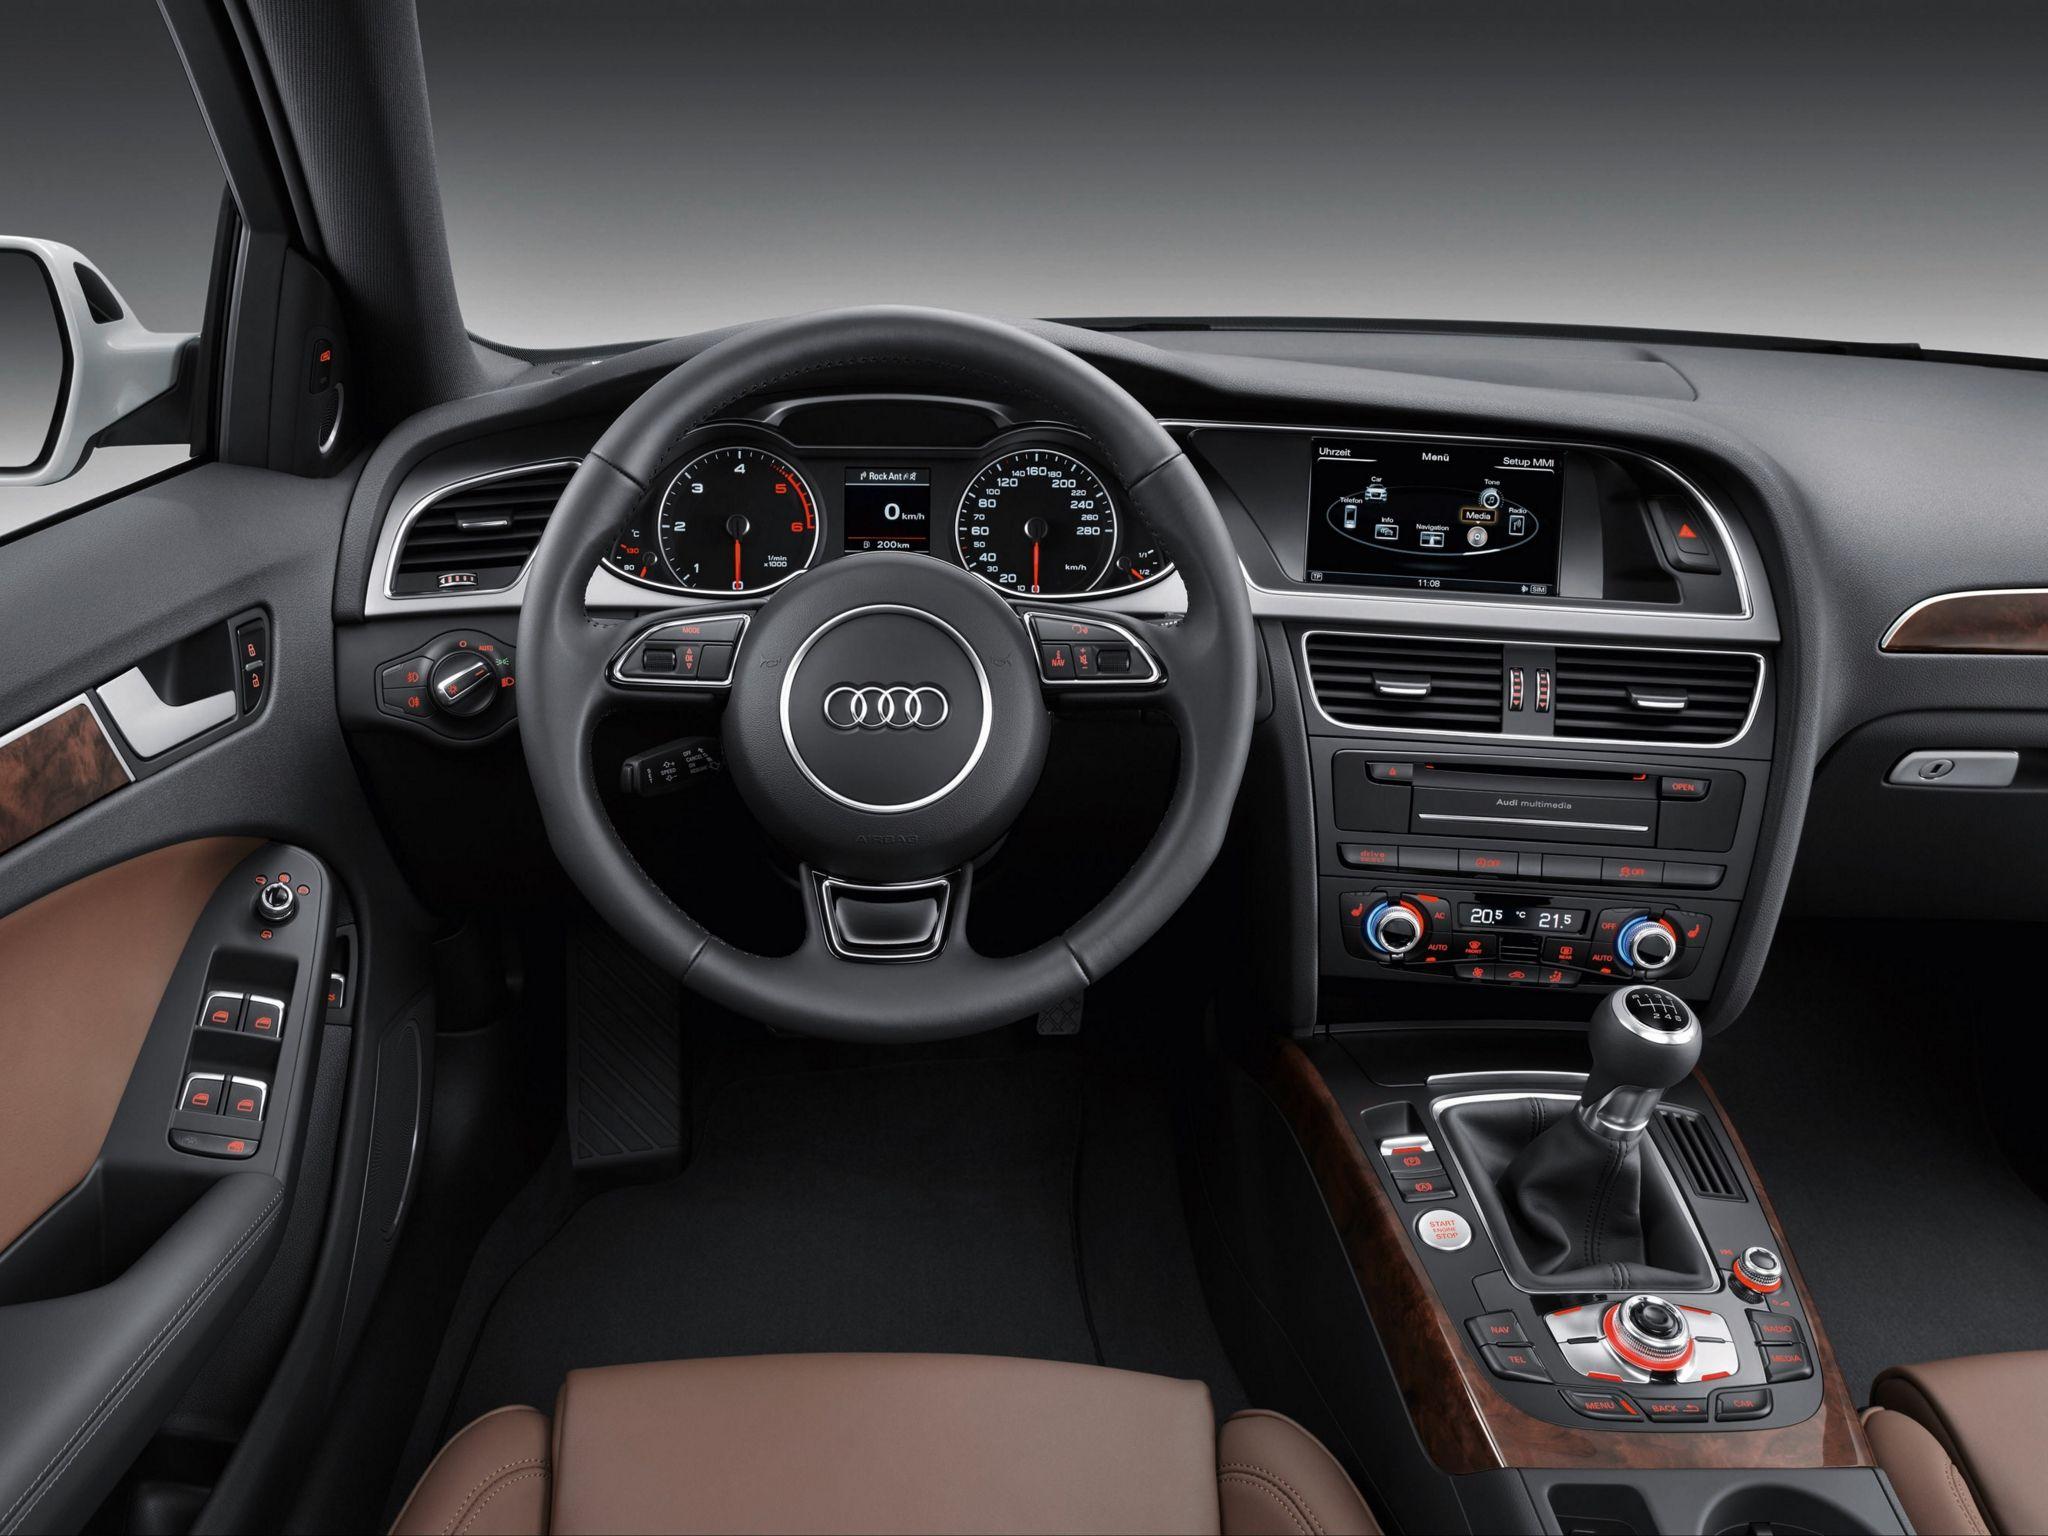 Audi A4 2 0 Tdi Quattro Avant B8 8k 2012 15